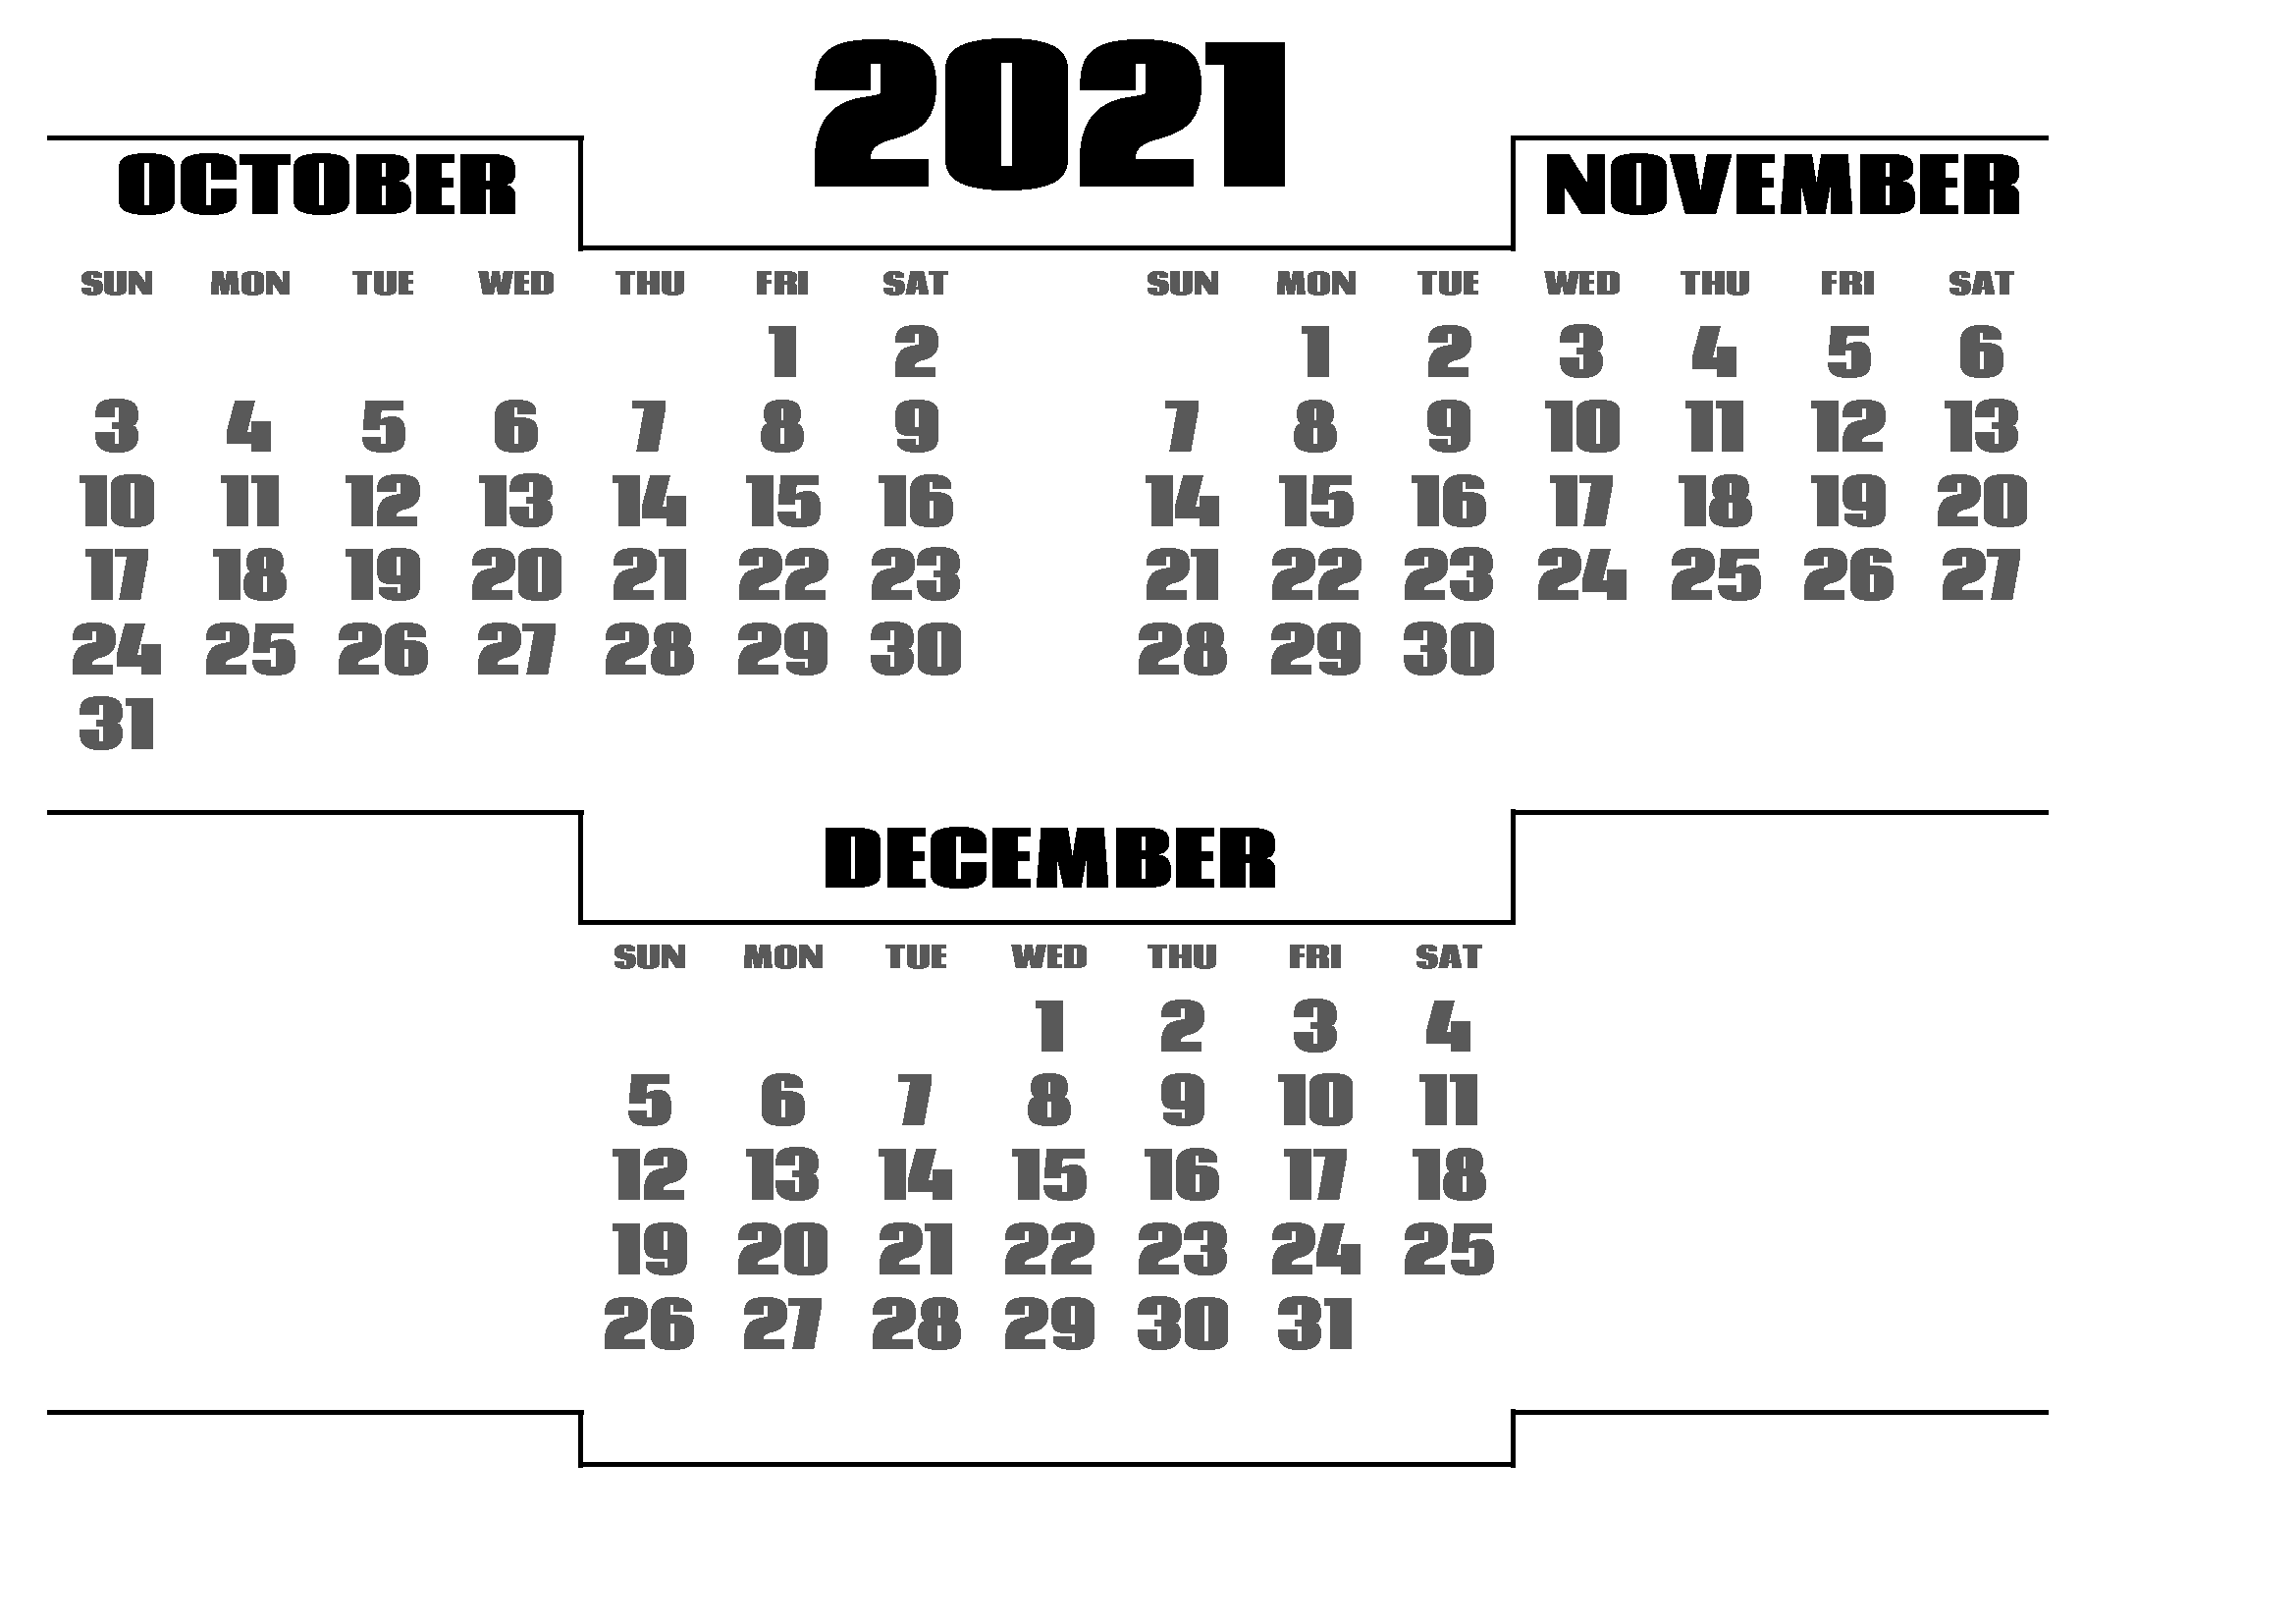 December 2021 Calendar Printable in Excel Grid